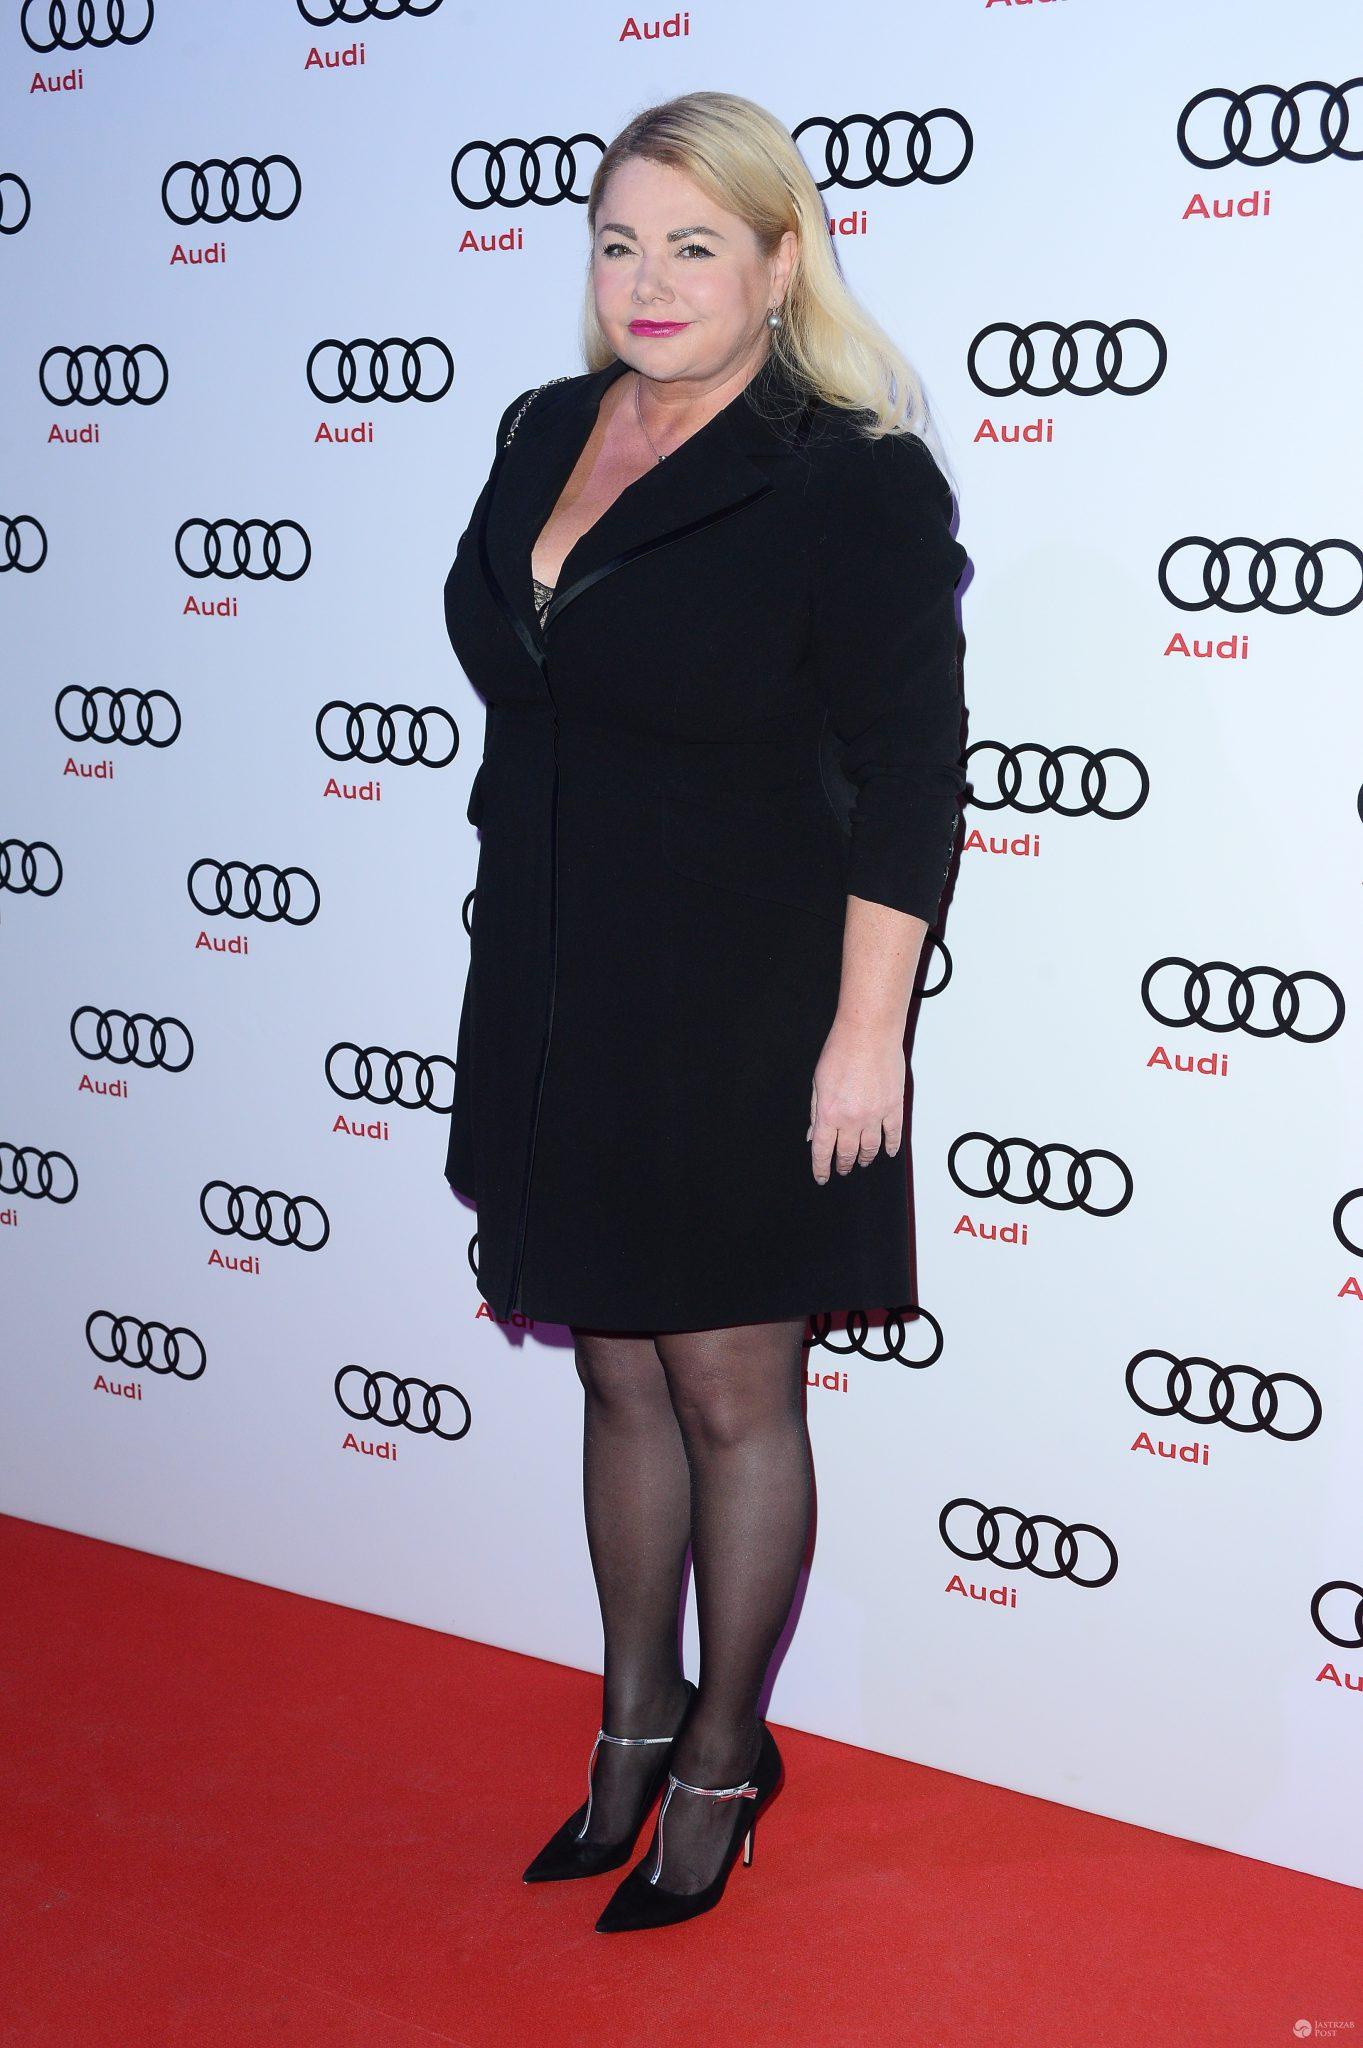 Katarzyna Niezgoda - prezentacja samochodów marki Audi 2017